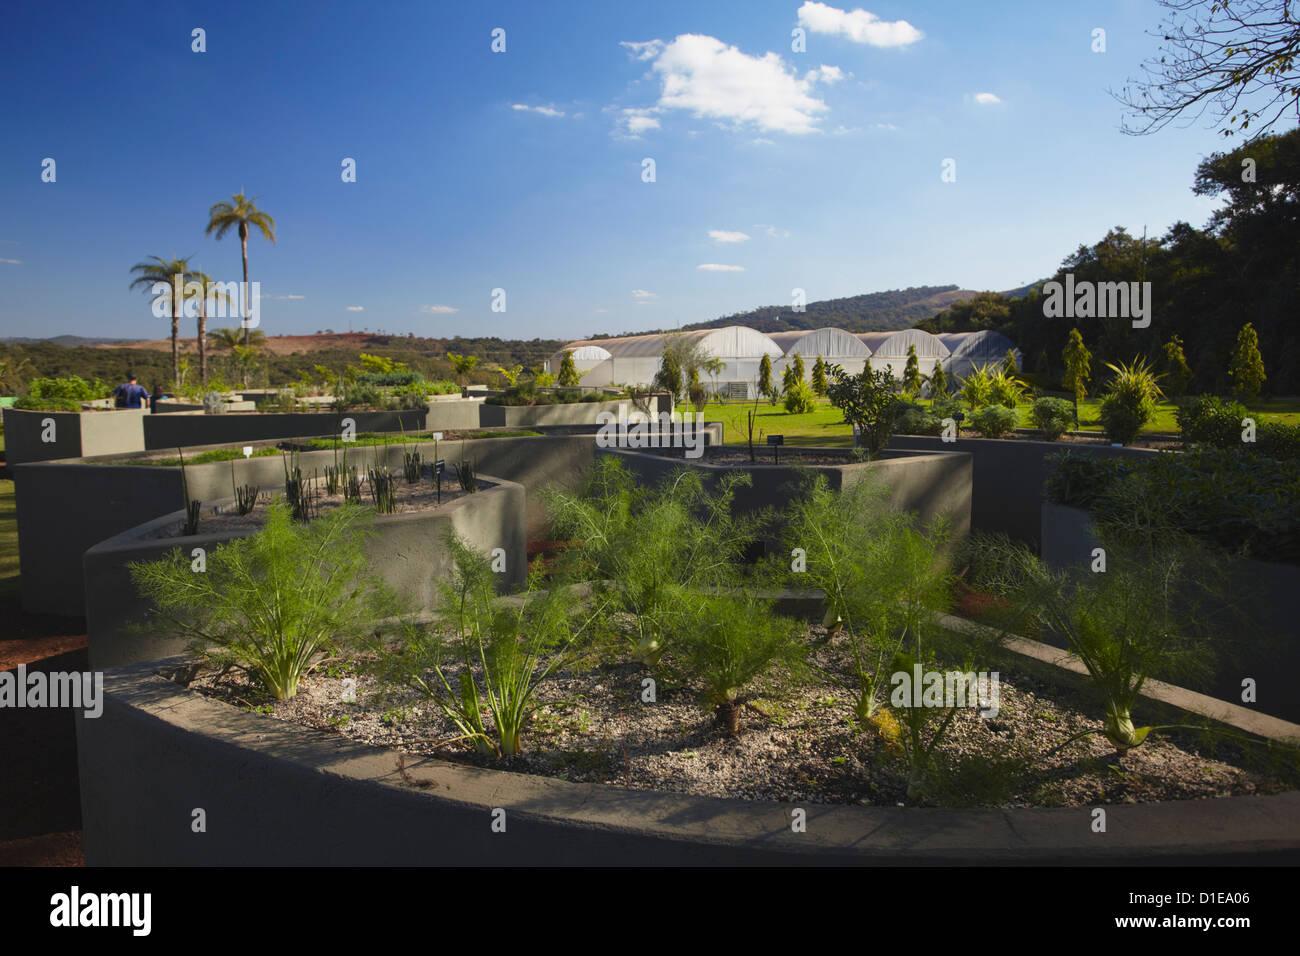 Sensorial Garden at Centro de Arte Contemporanea Inhotim, Brumadinho, Belo Horizonte, Minas Gerais, Brazil. South - Stock Image